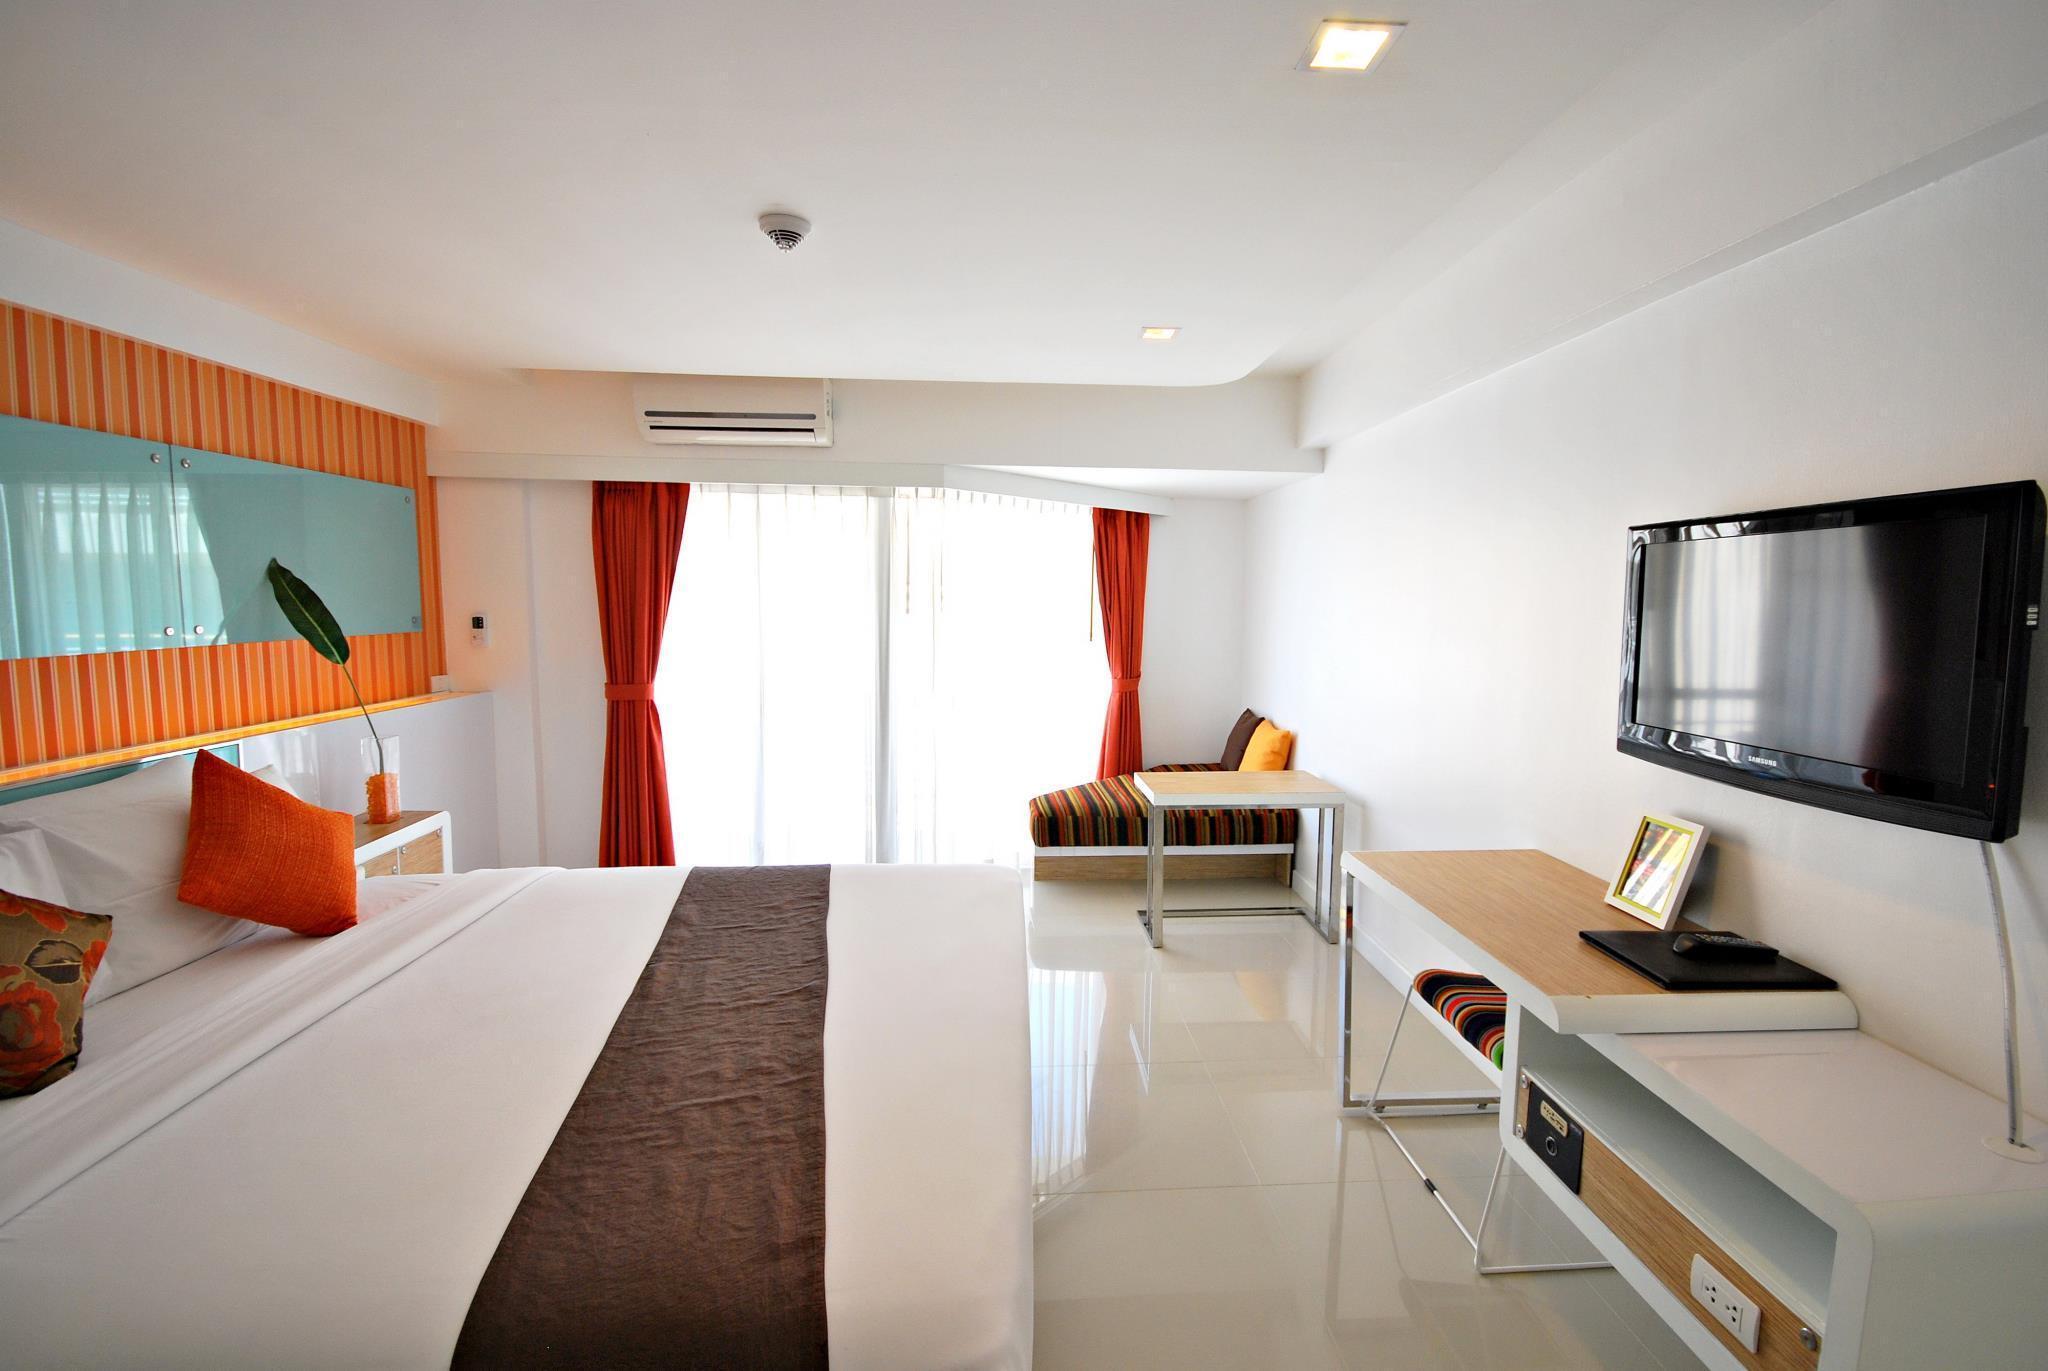 Hinn - Namm Hotel โรงแรมหินน้ำ